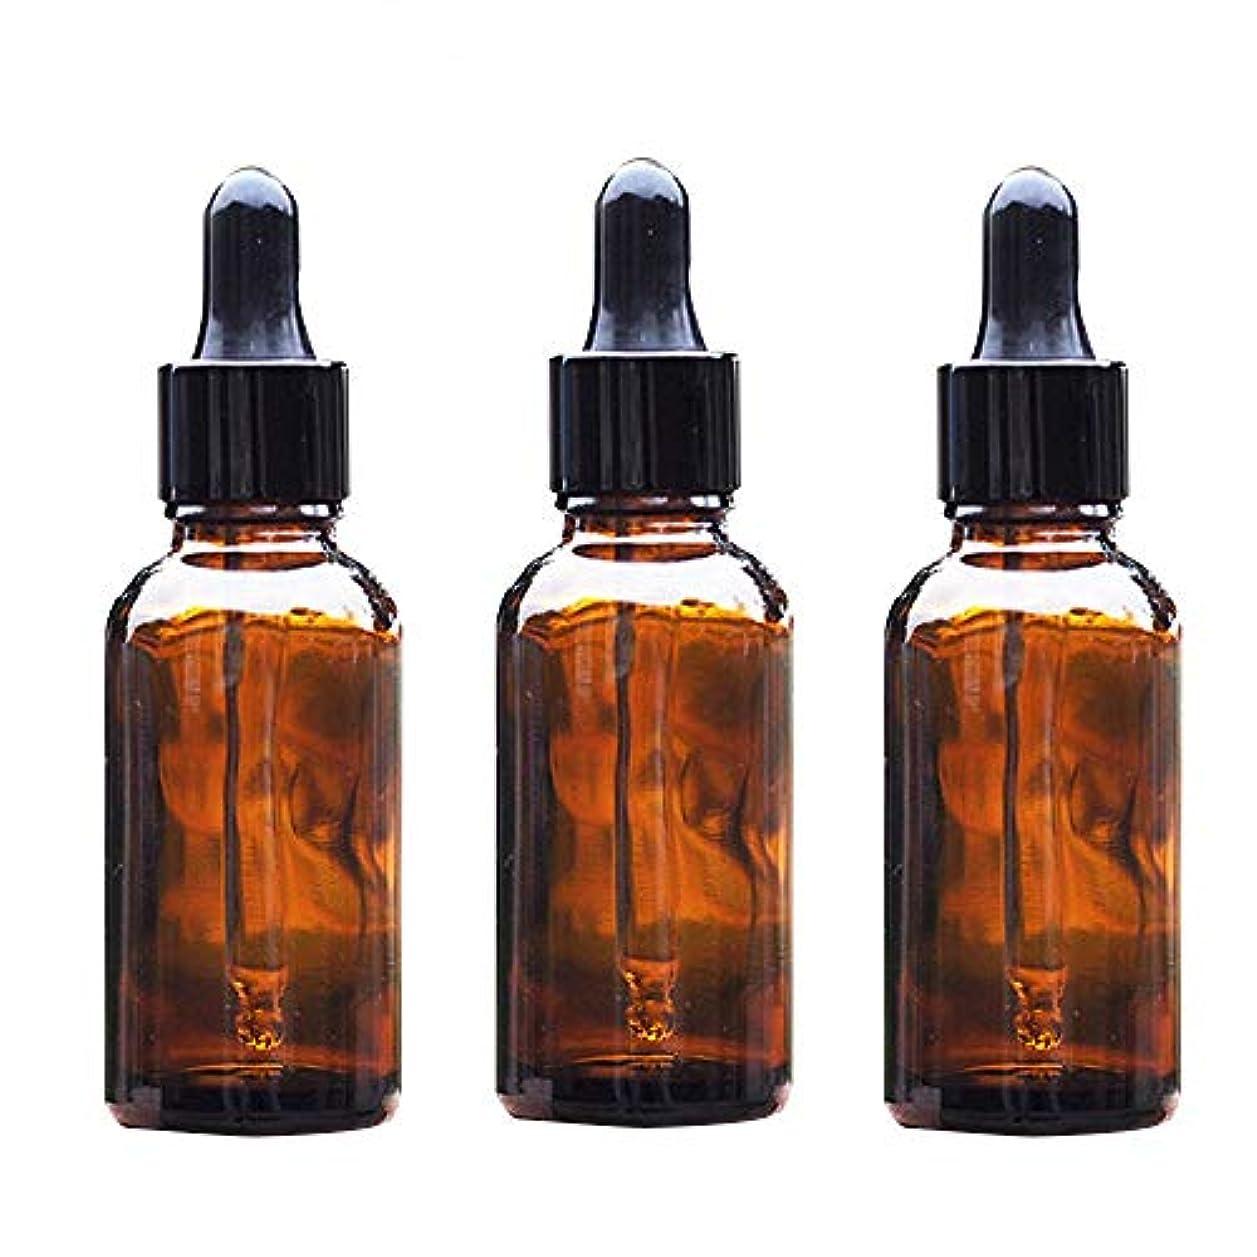 Aomgsd スポイト遮光瓶 アロマオイル 精油 小分け用 スポイト キャップ 遮光瓶 保存 詰替え ガラス製 オイル用 20ml 3本セット (茶)